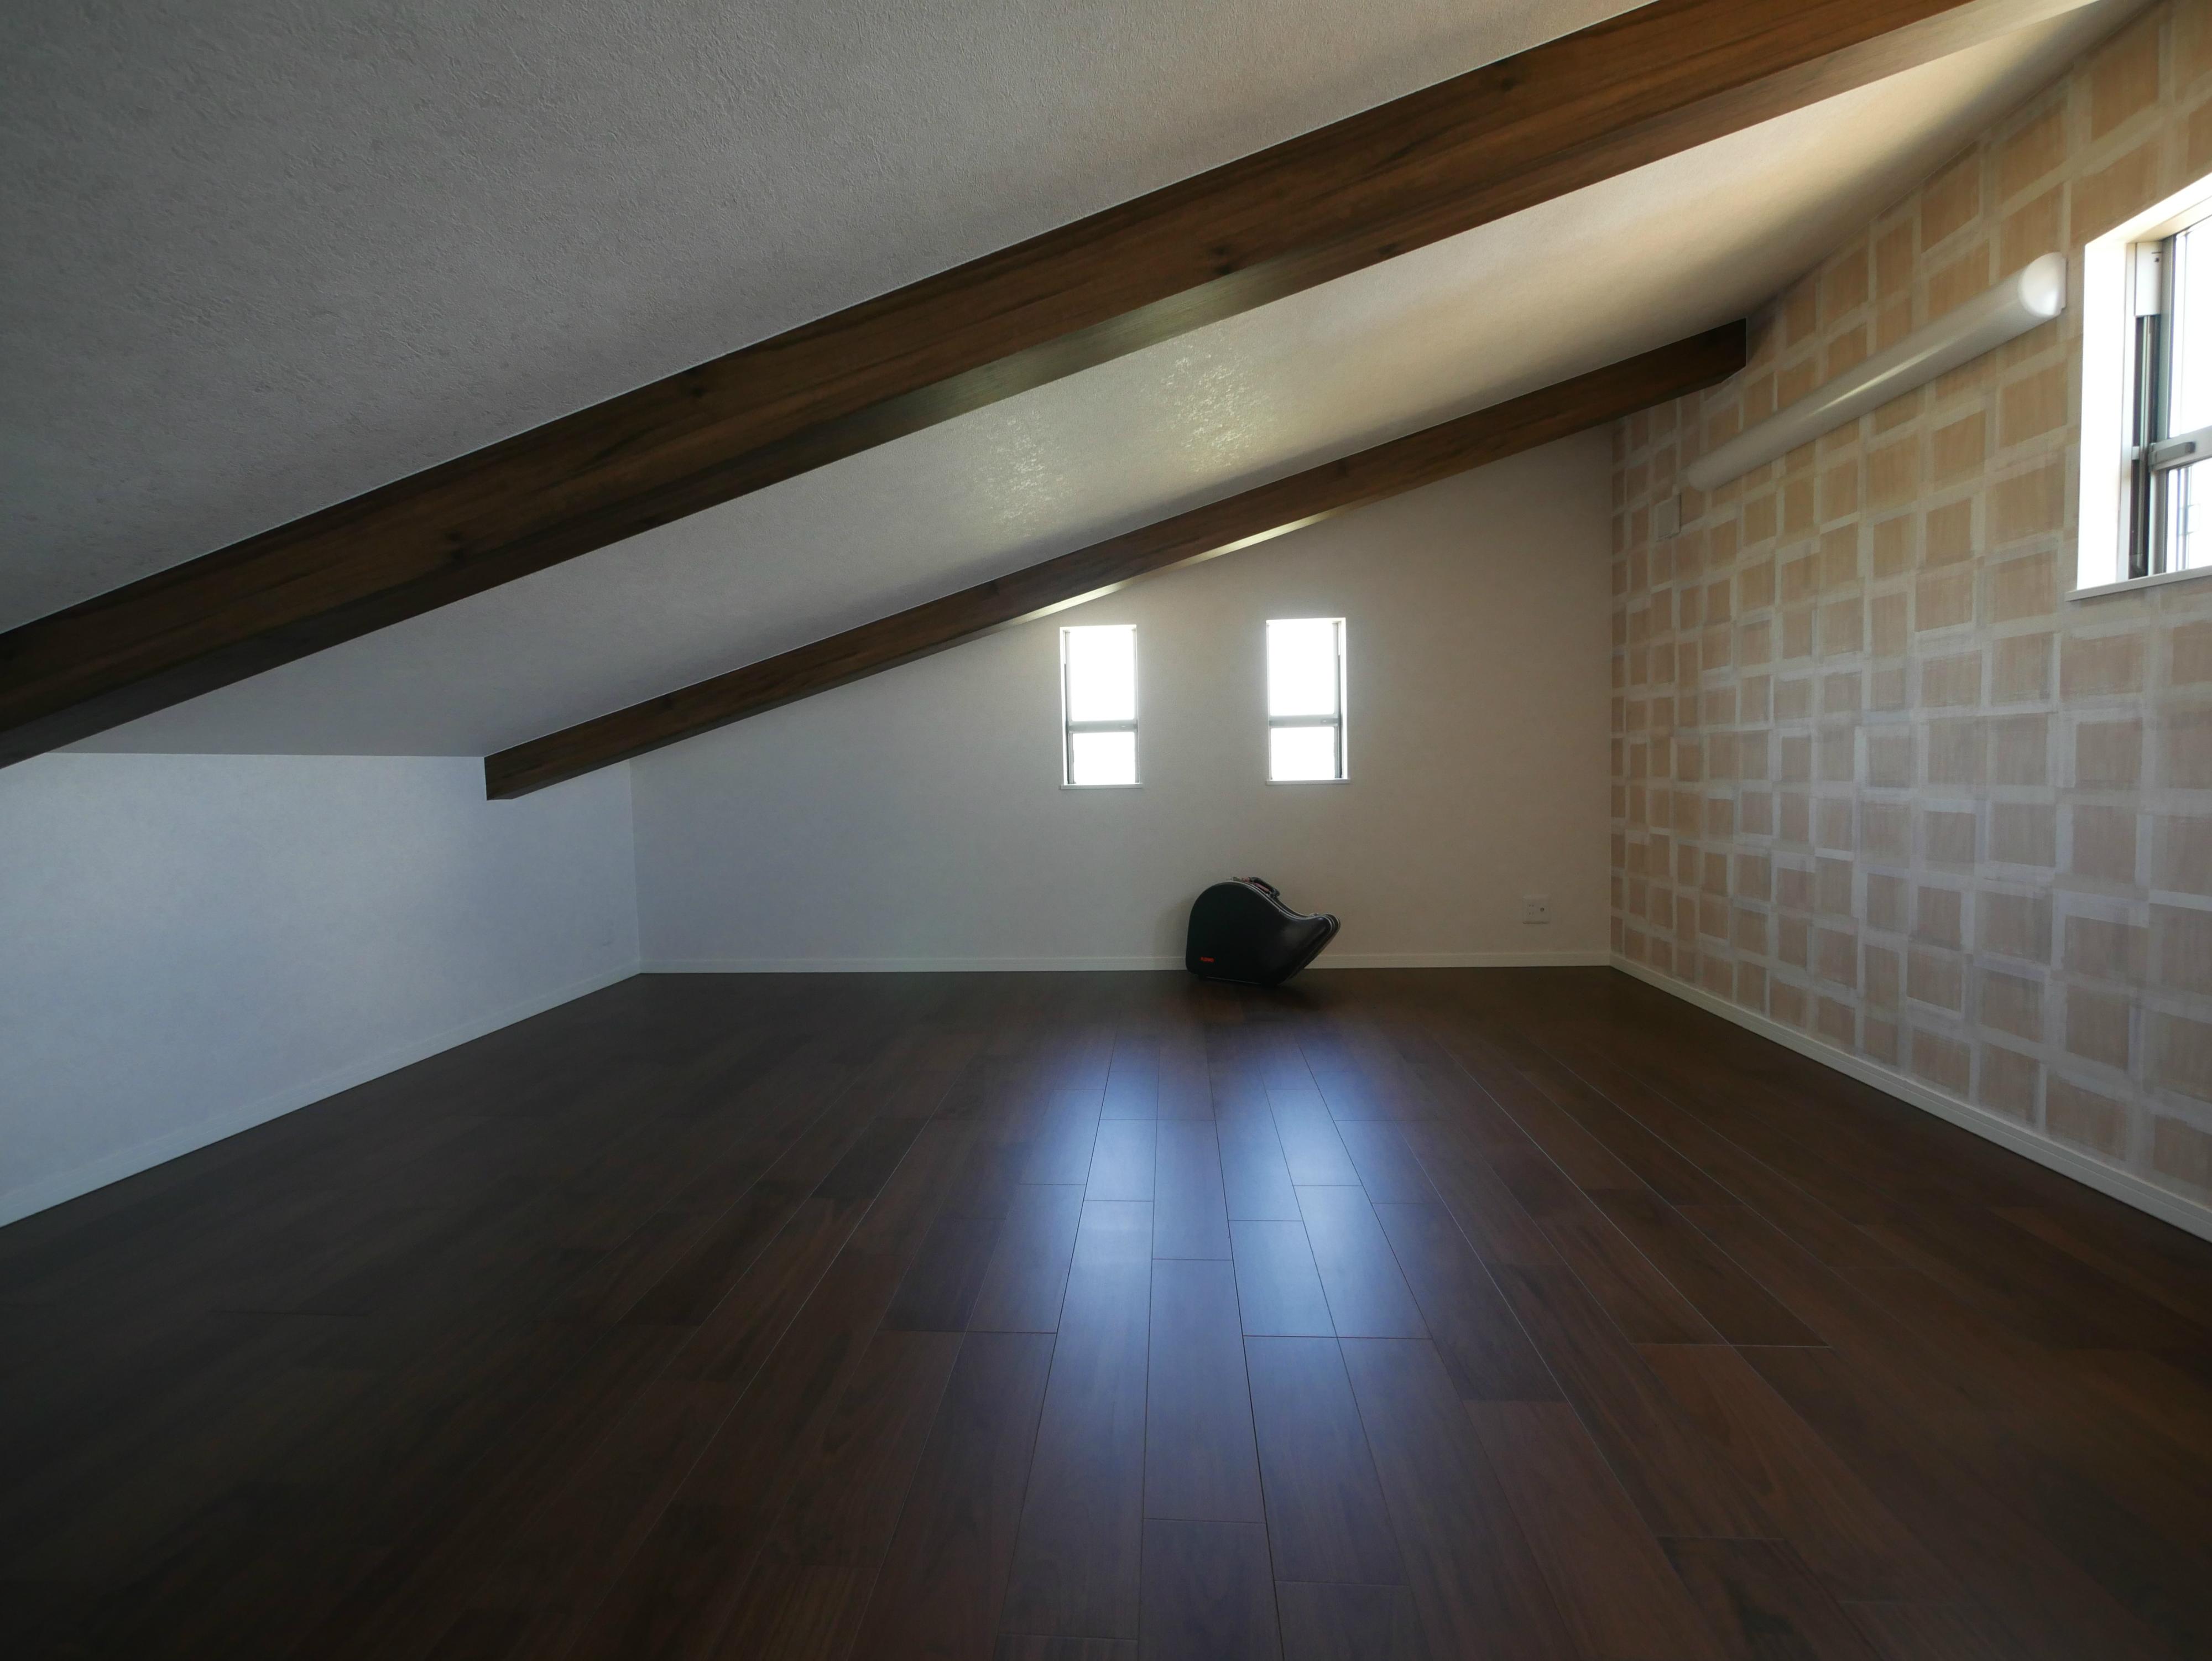 趣味室としても使用可能なロフト風空間